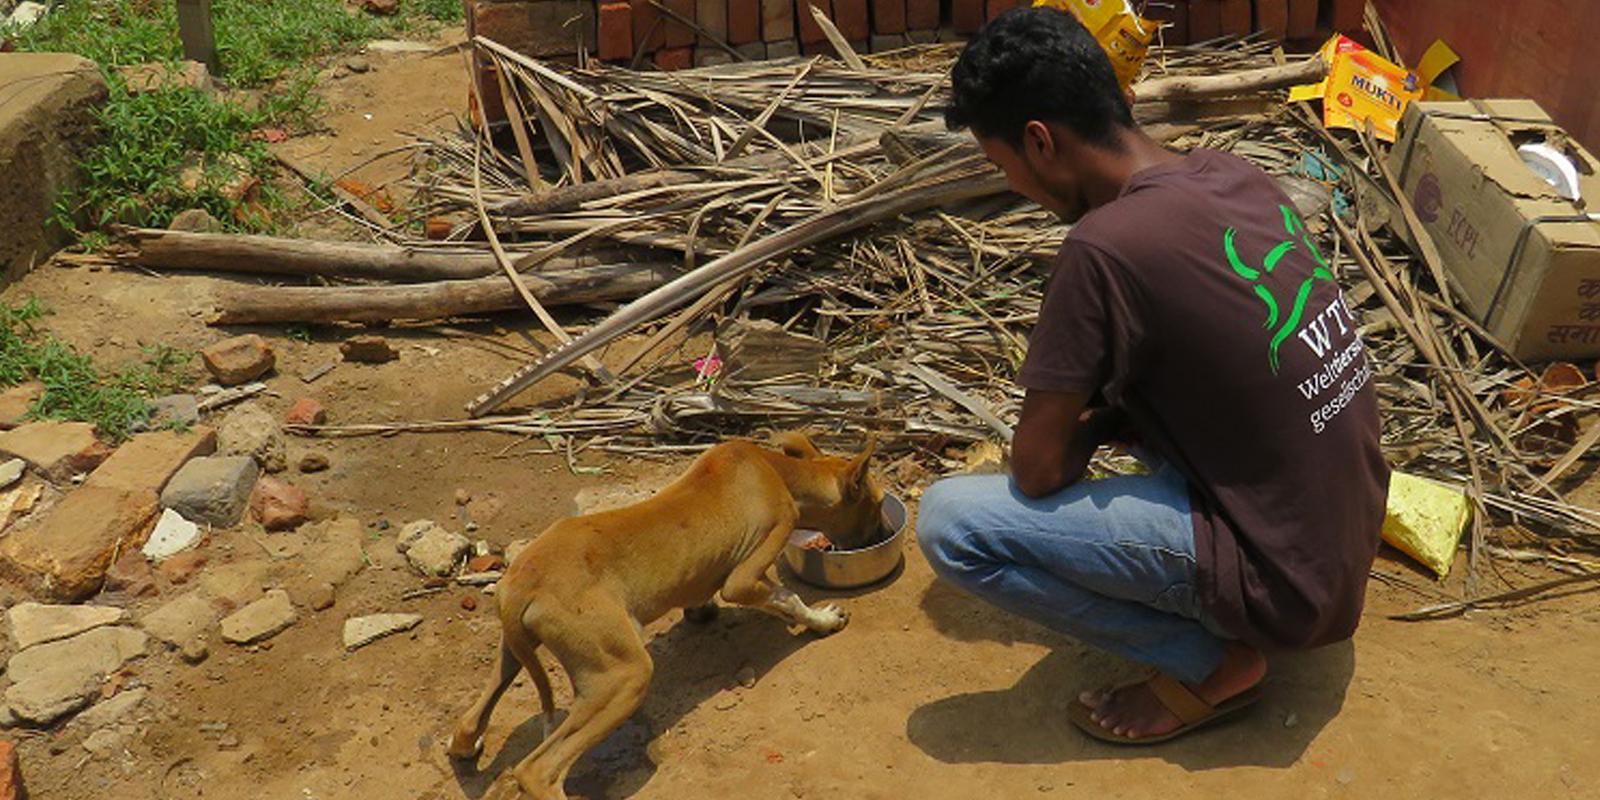 Soforthilfe in Bildern: Grundversorgung für die Tiere